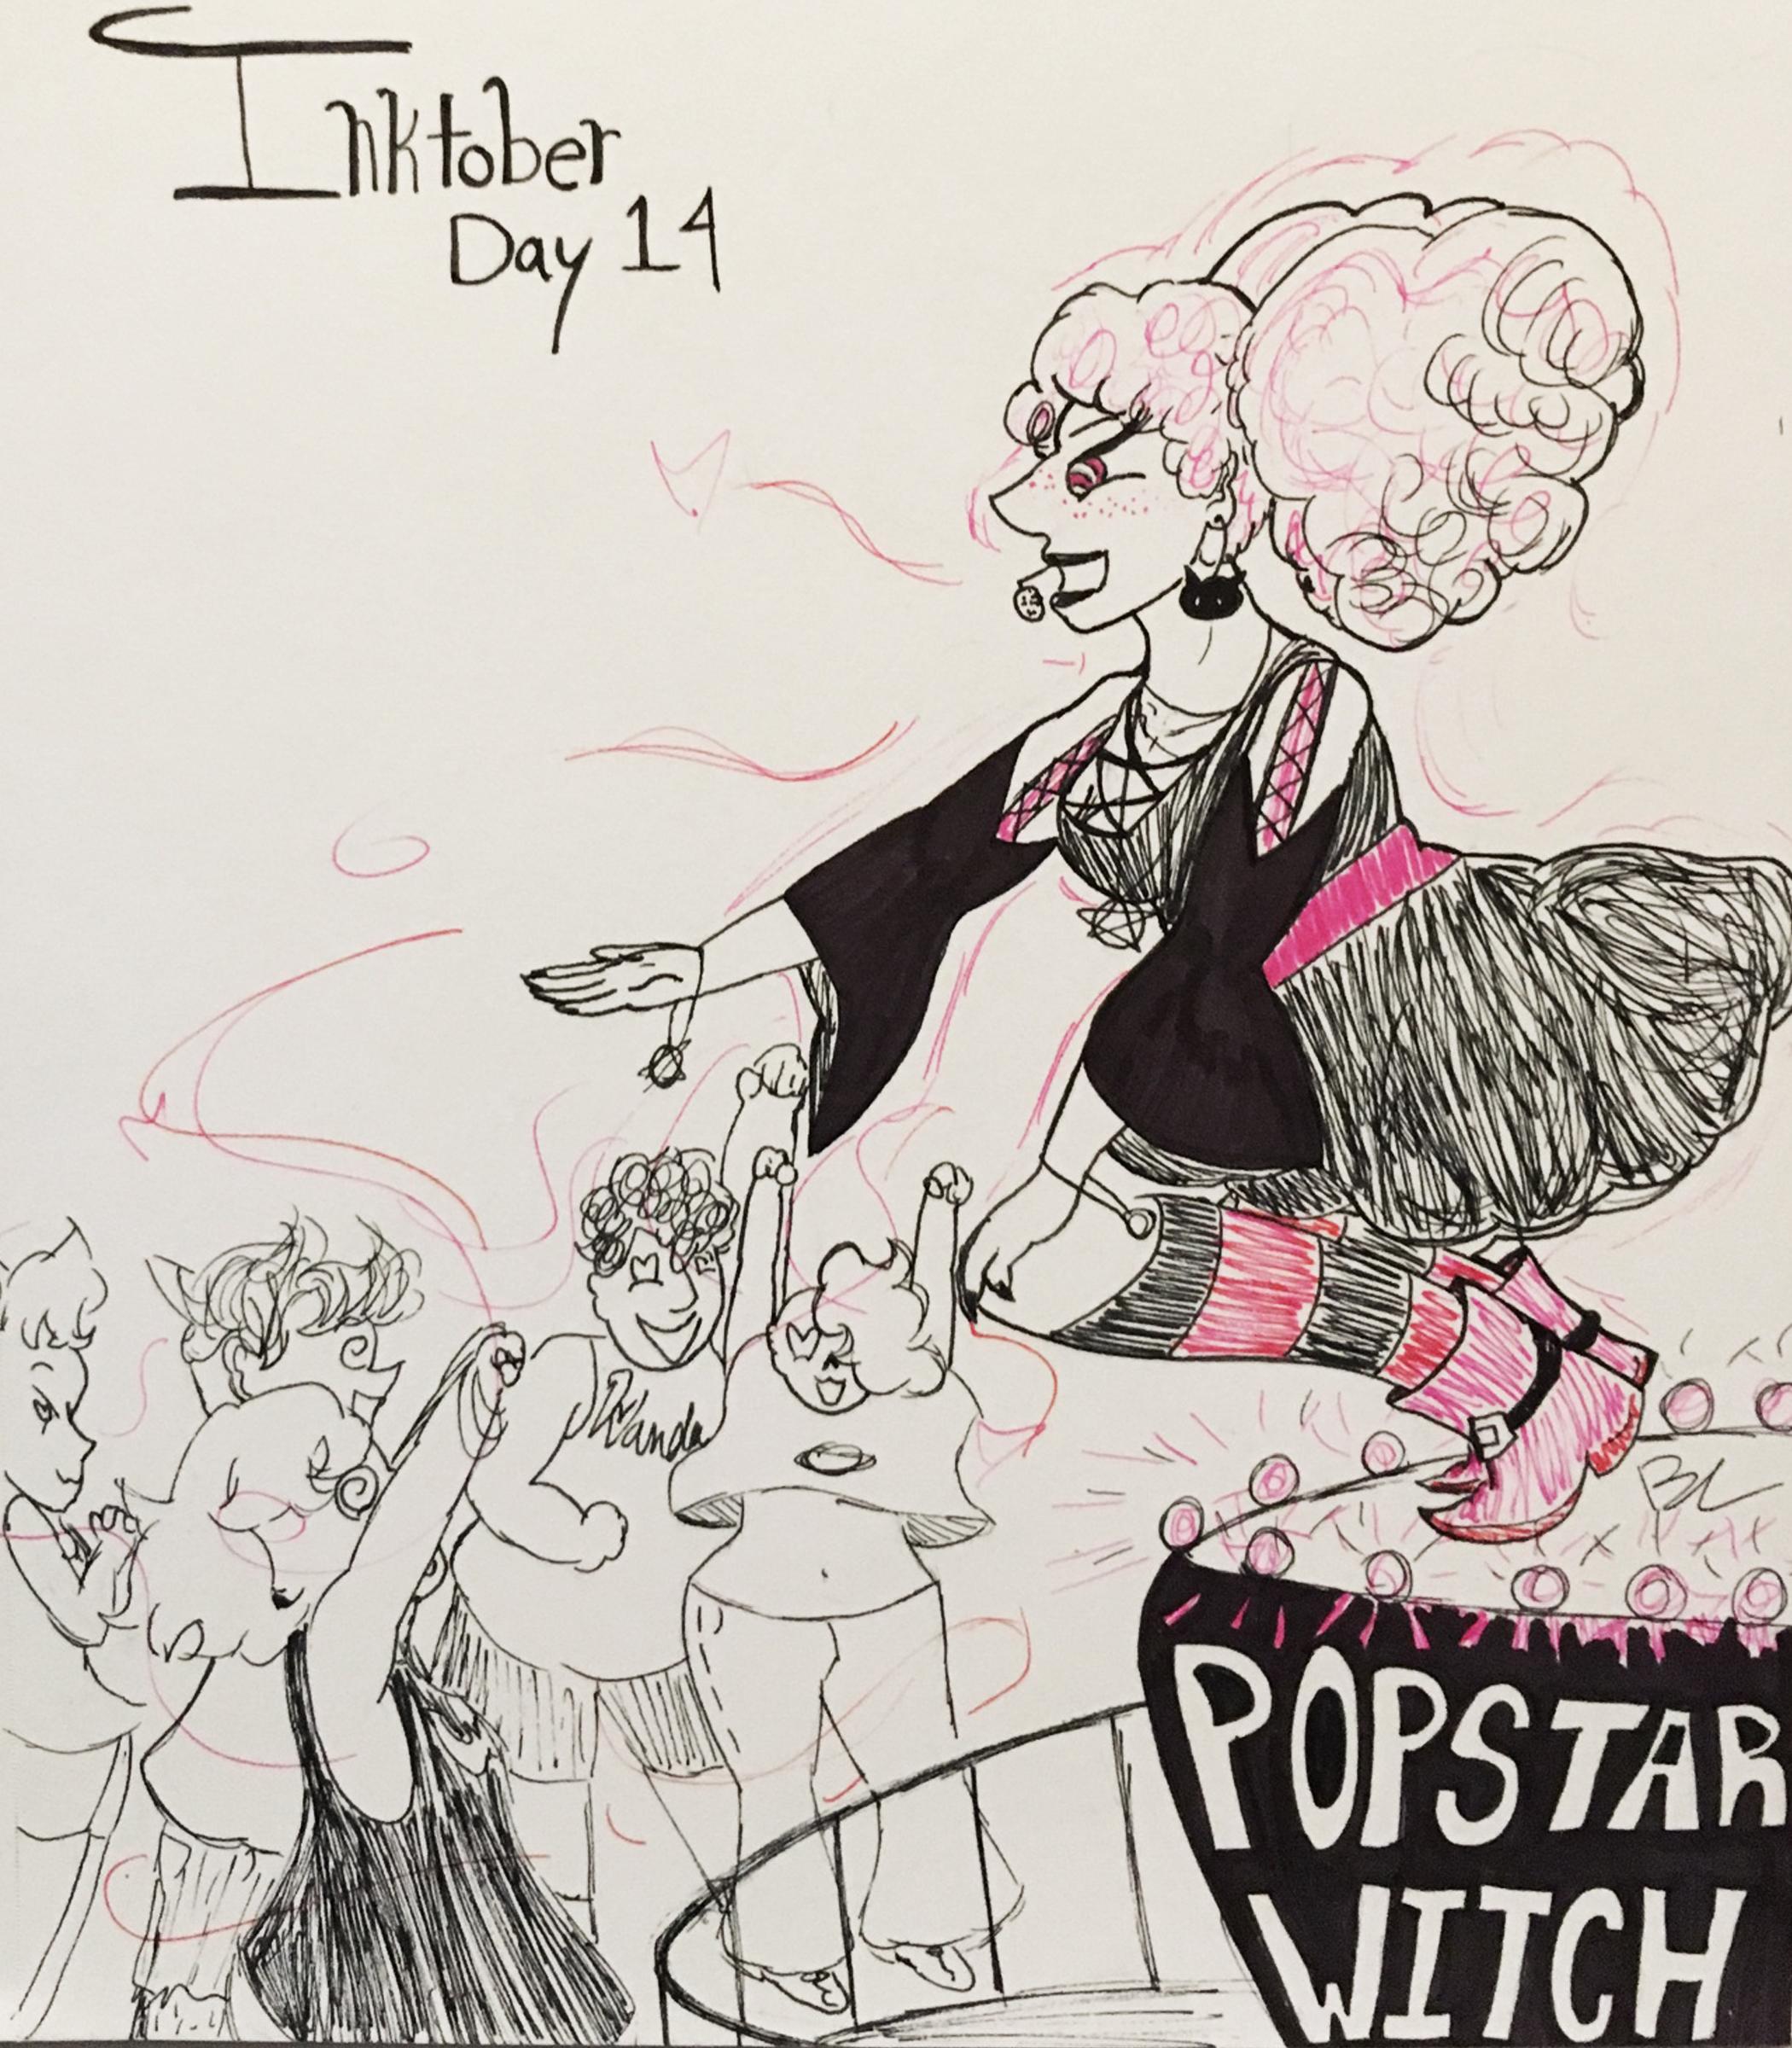 Day 14 // Popstar Witch